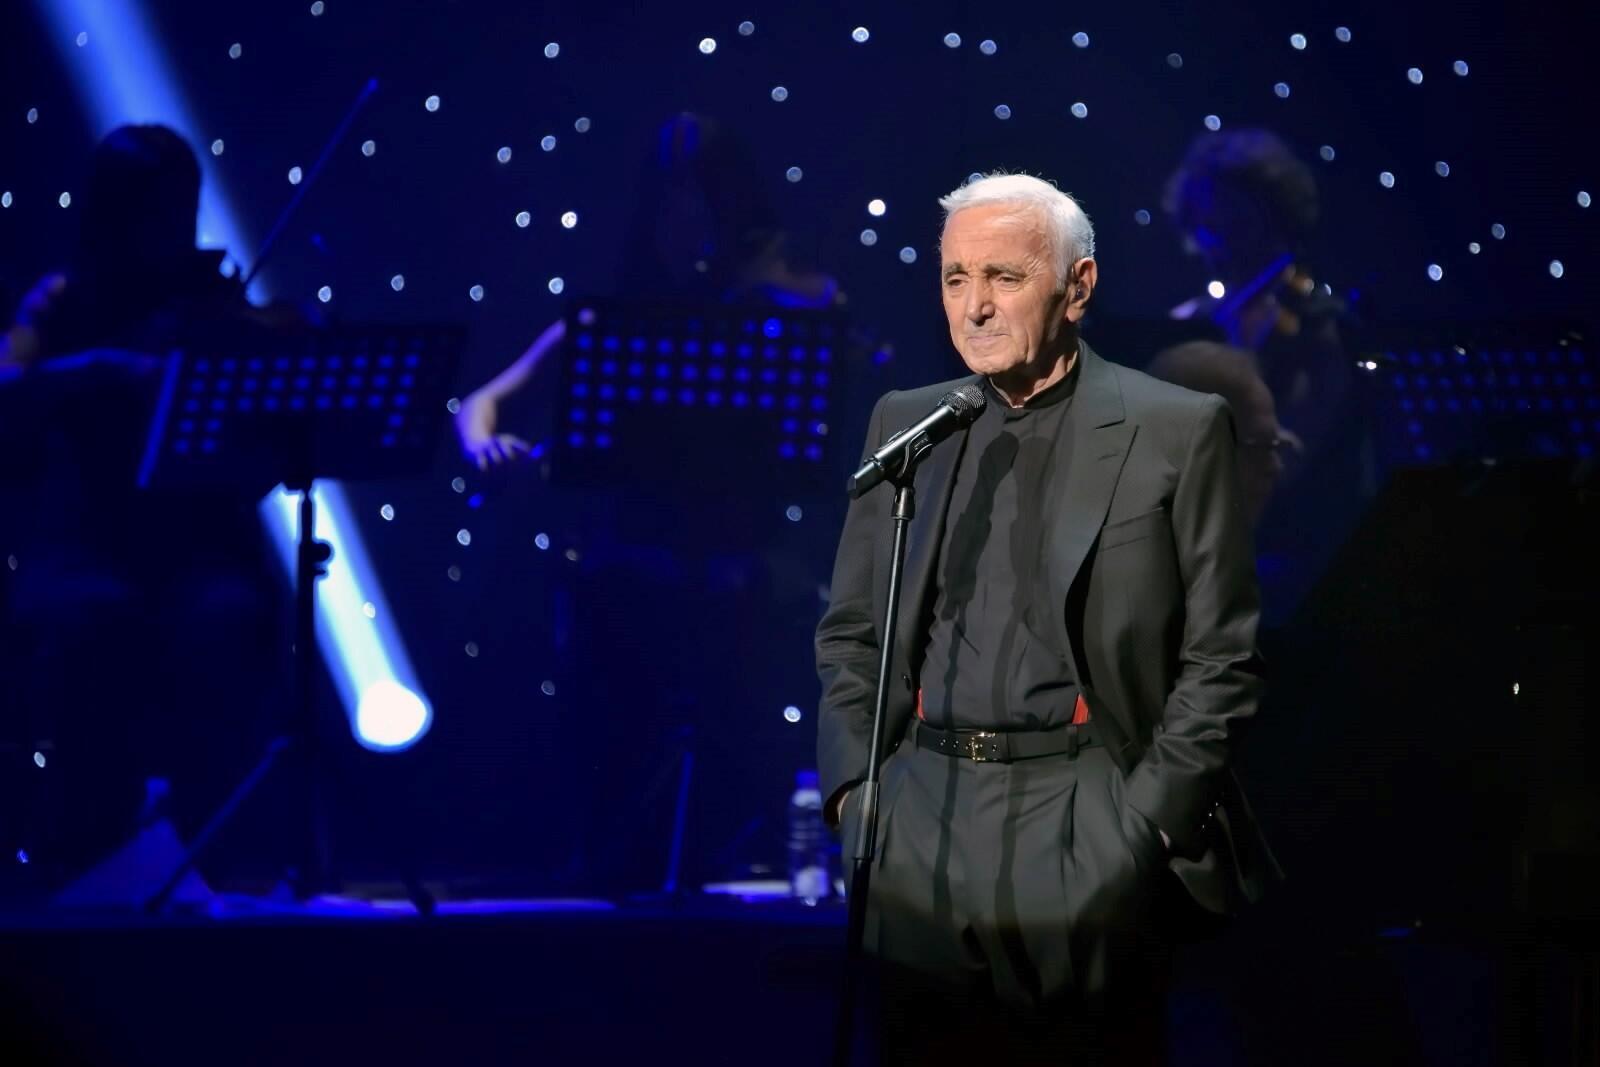 Charles Aznavour wakati akiendesha tamasha, Palais des Sports, Paris Ufaransa, Septemba 2015.